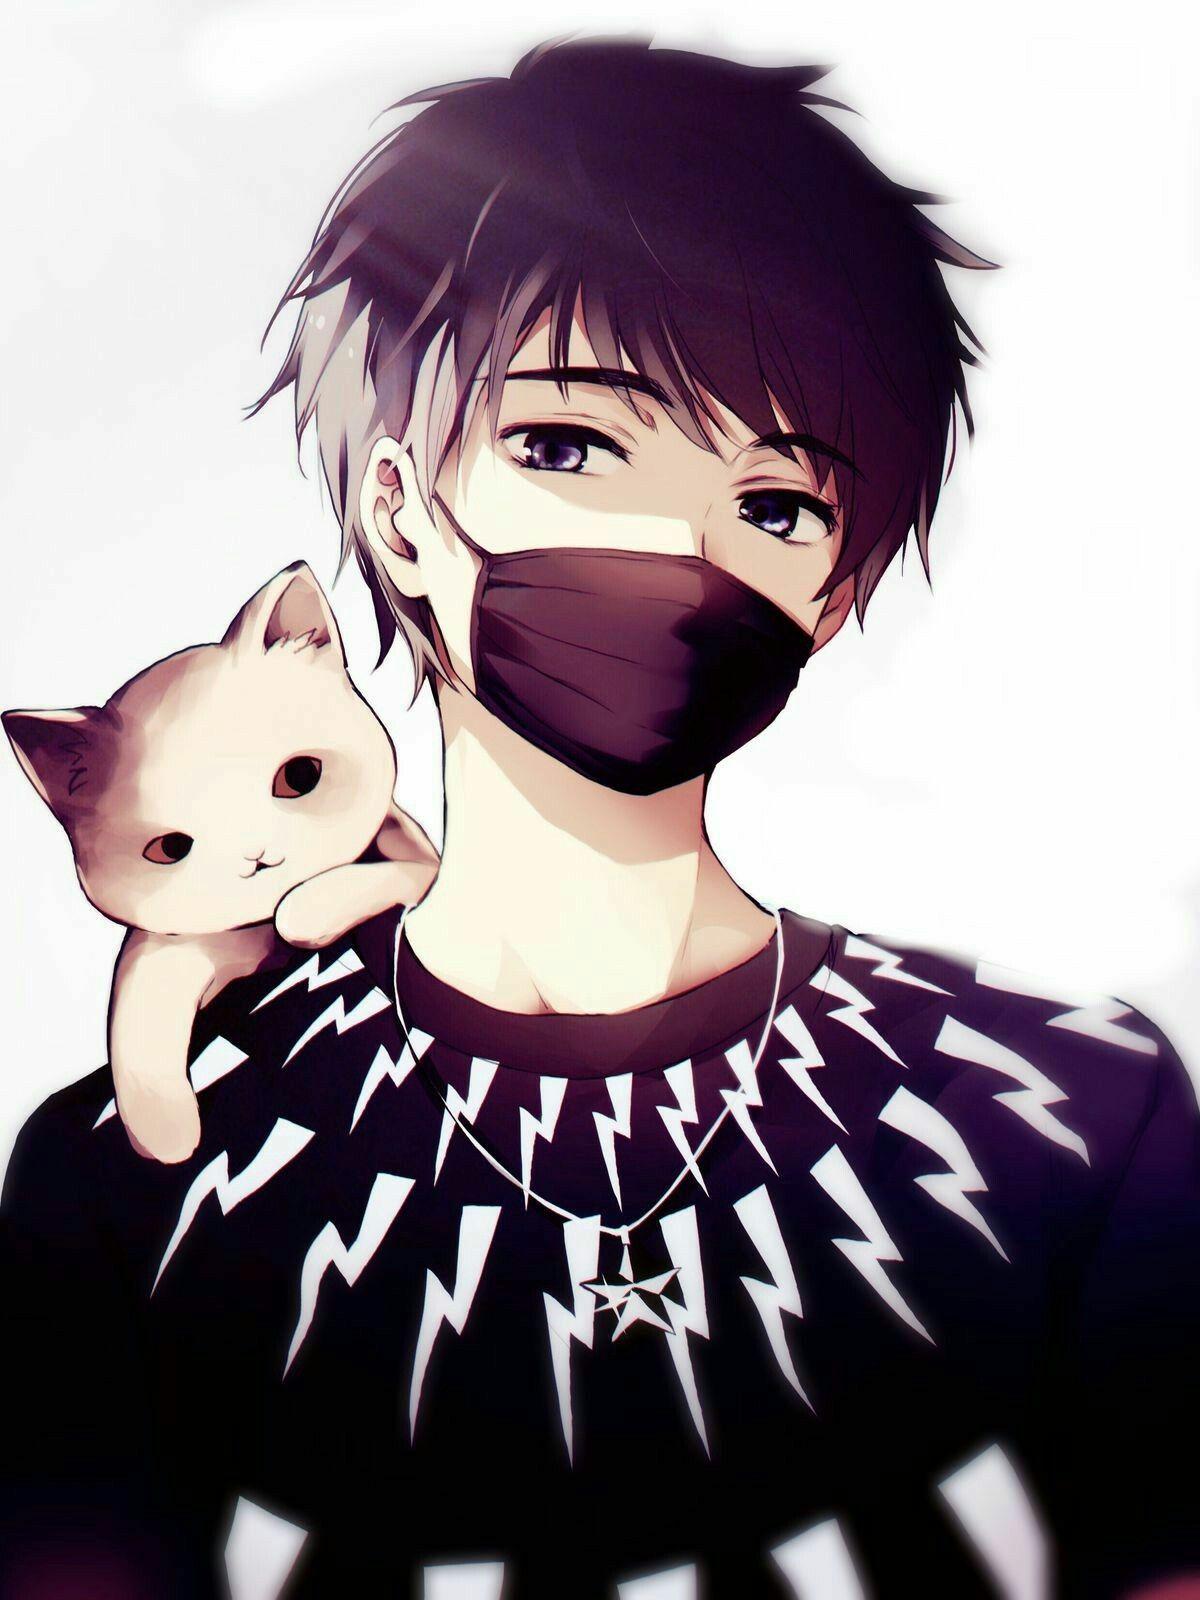 Hoodie Cute Anime Boy Drawing : hoodie, anime, drawing, Handsome, Anime, Hoodie, Wallpaper